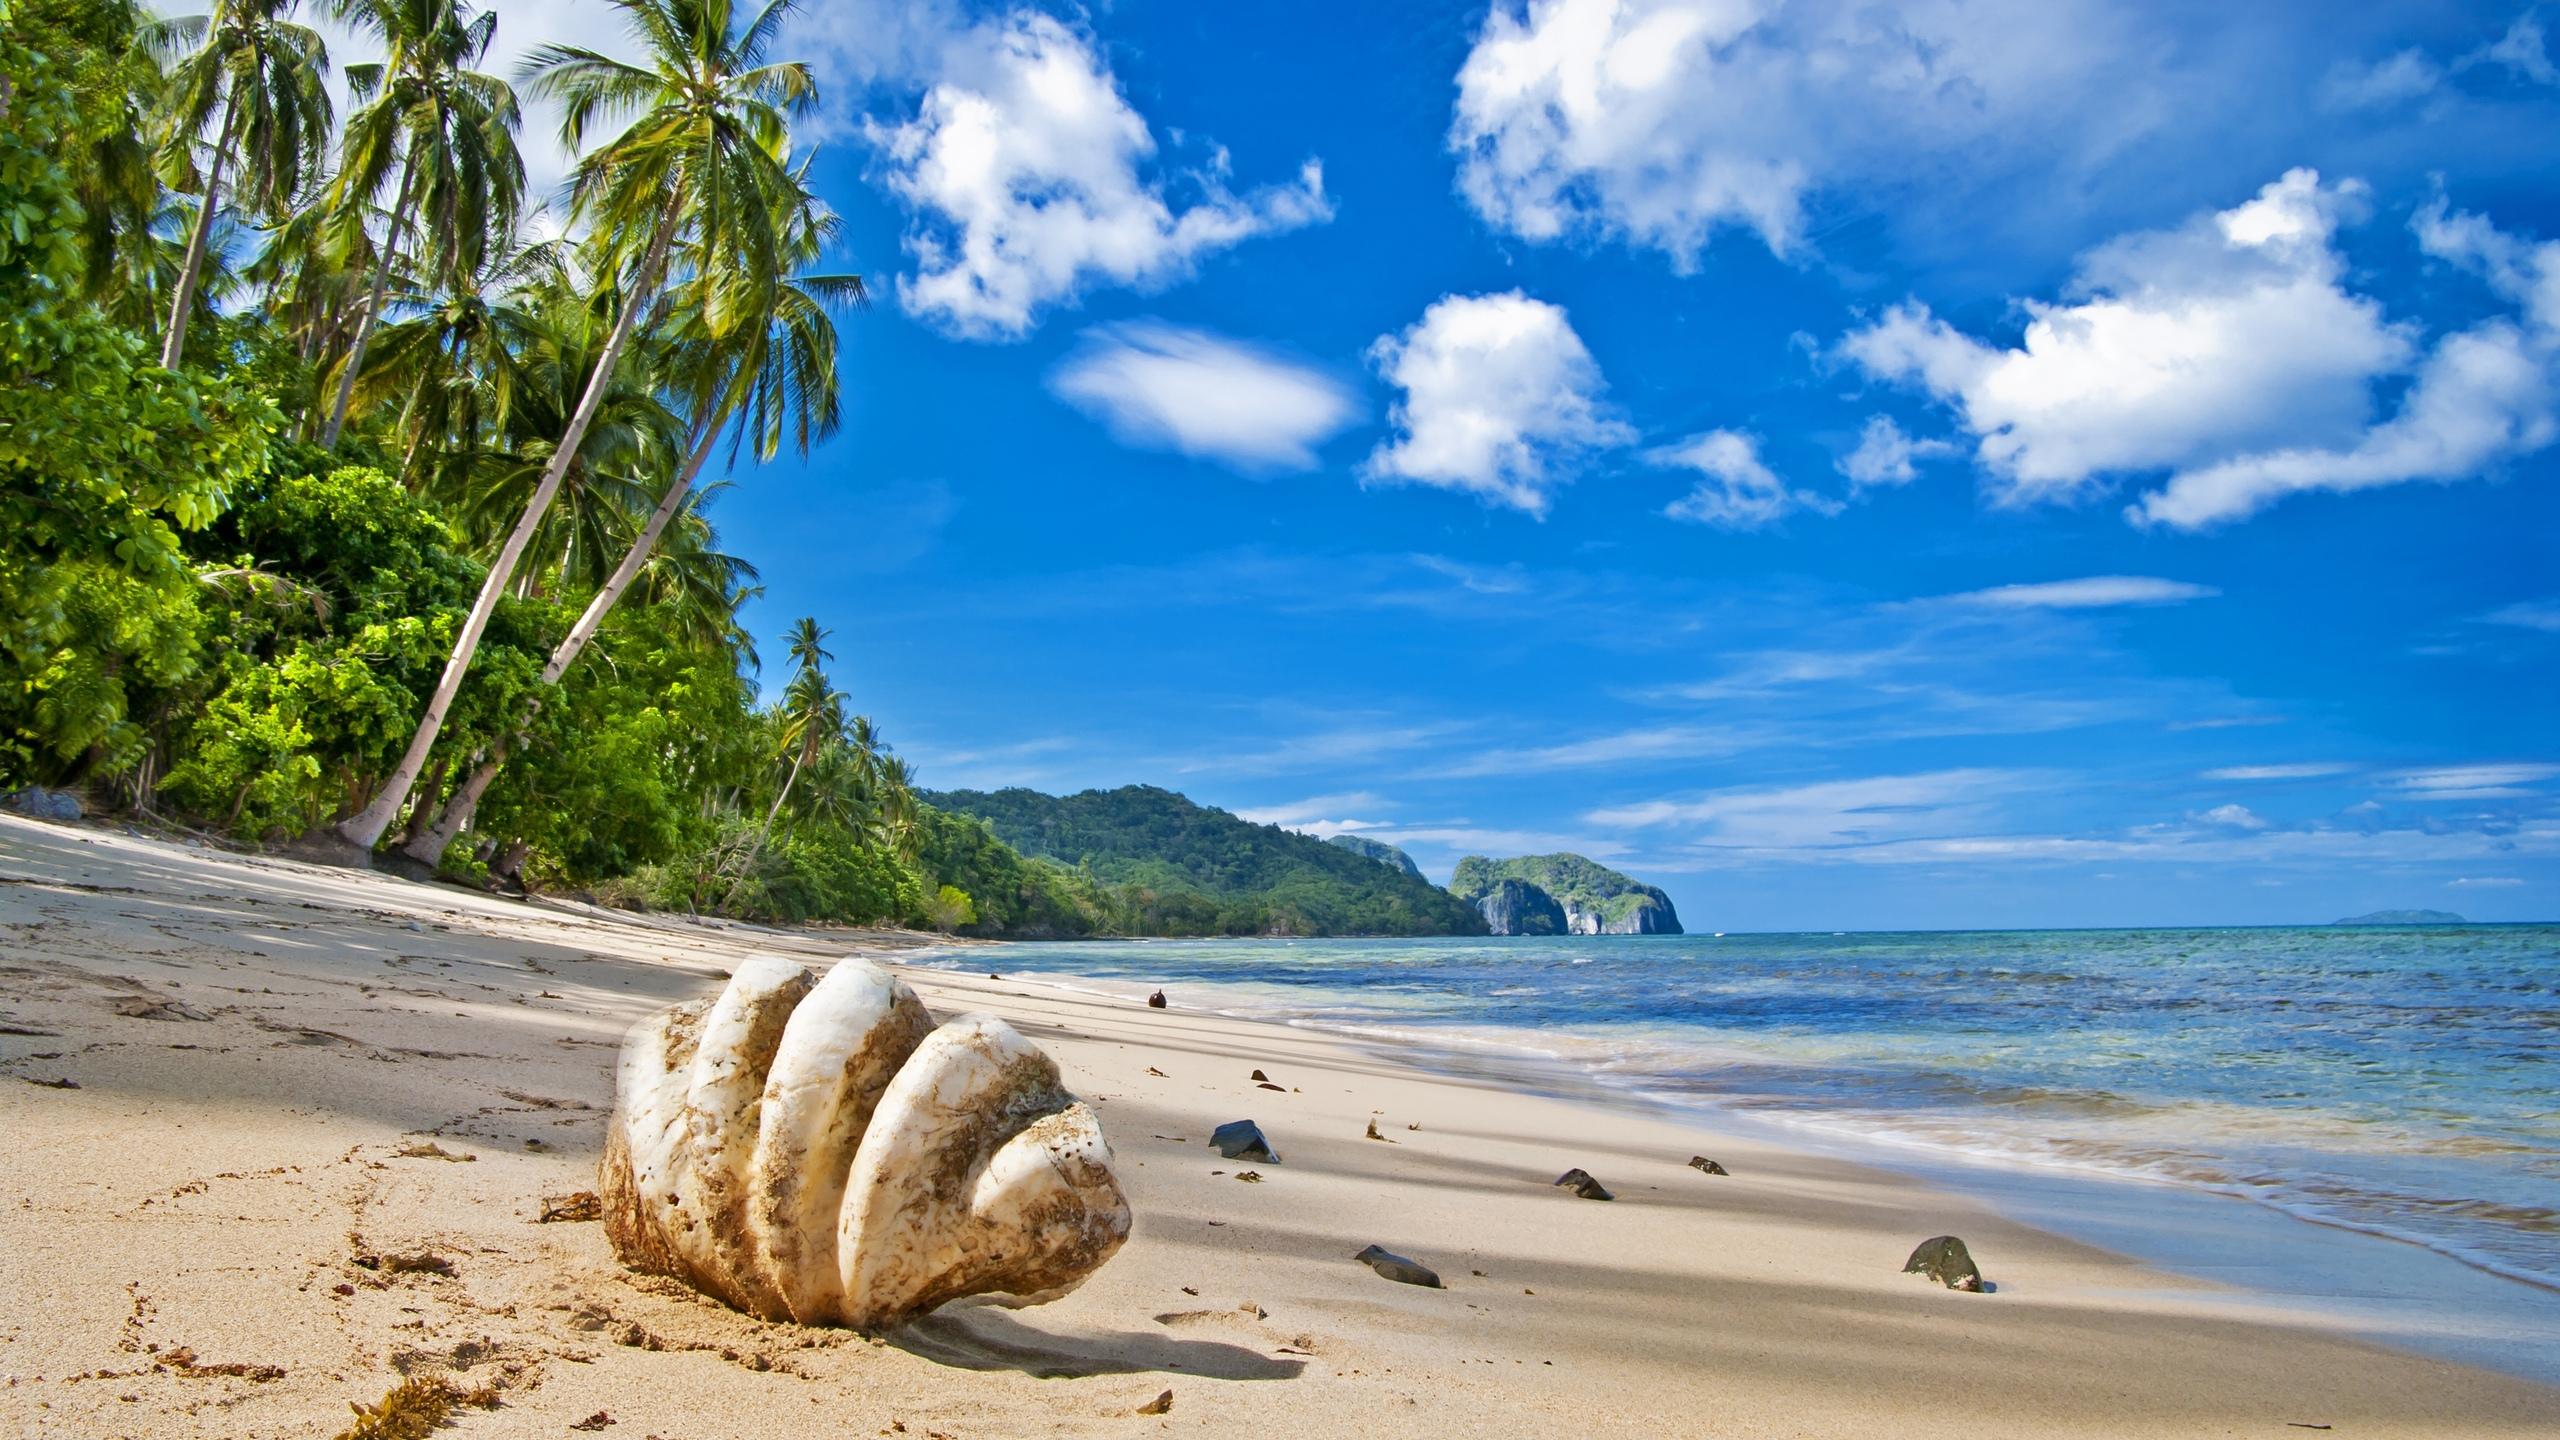 берег песок на пляже